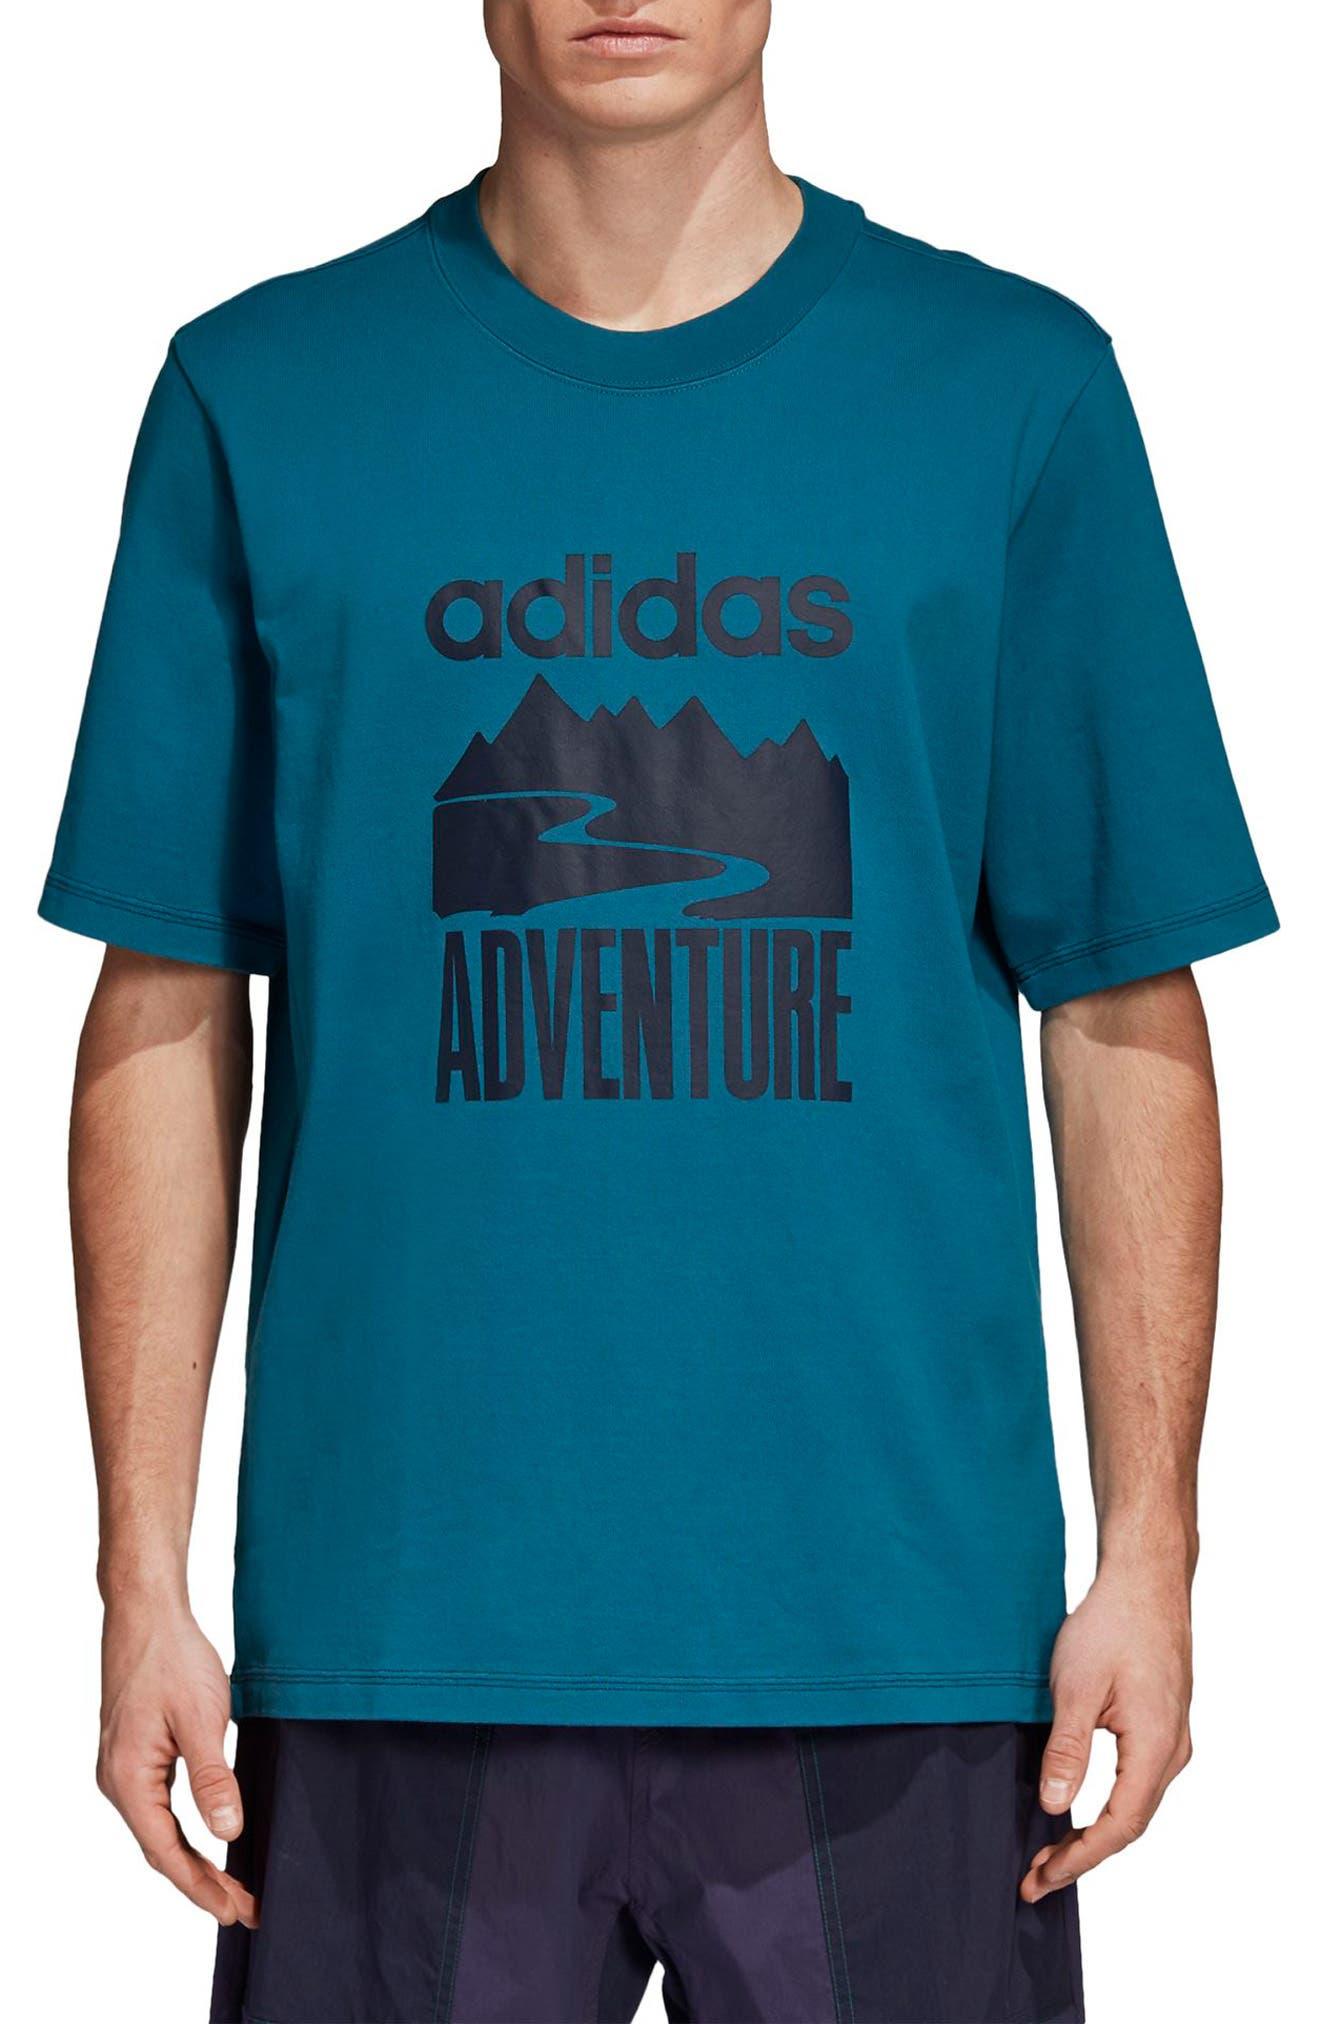 adidas Originals Adventure Graphic T-Shirt